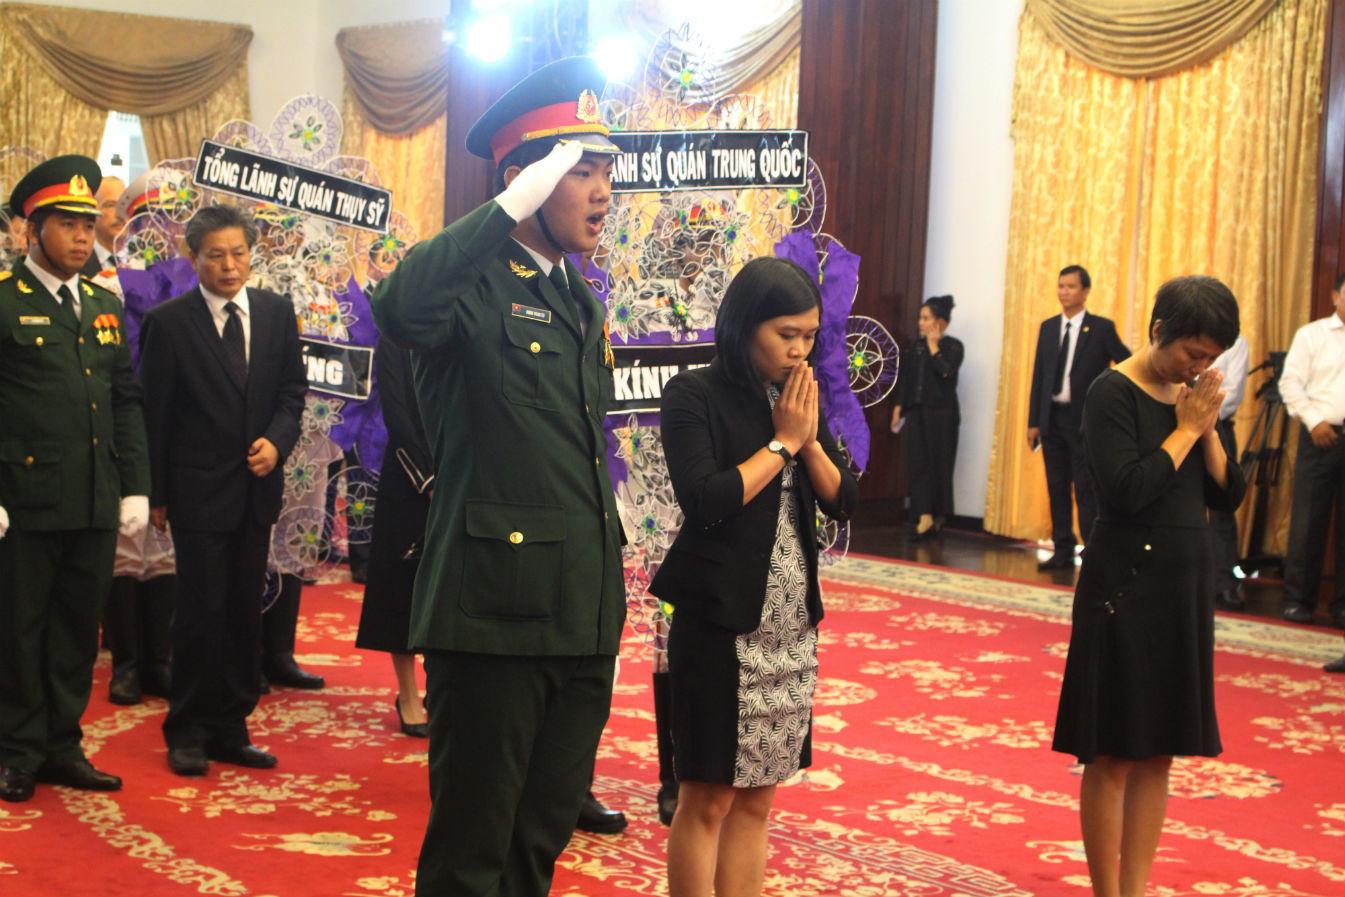 Nhiều đoàn quốc tế viếng nguyên Thủ tướng Phan Văn Khải